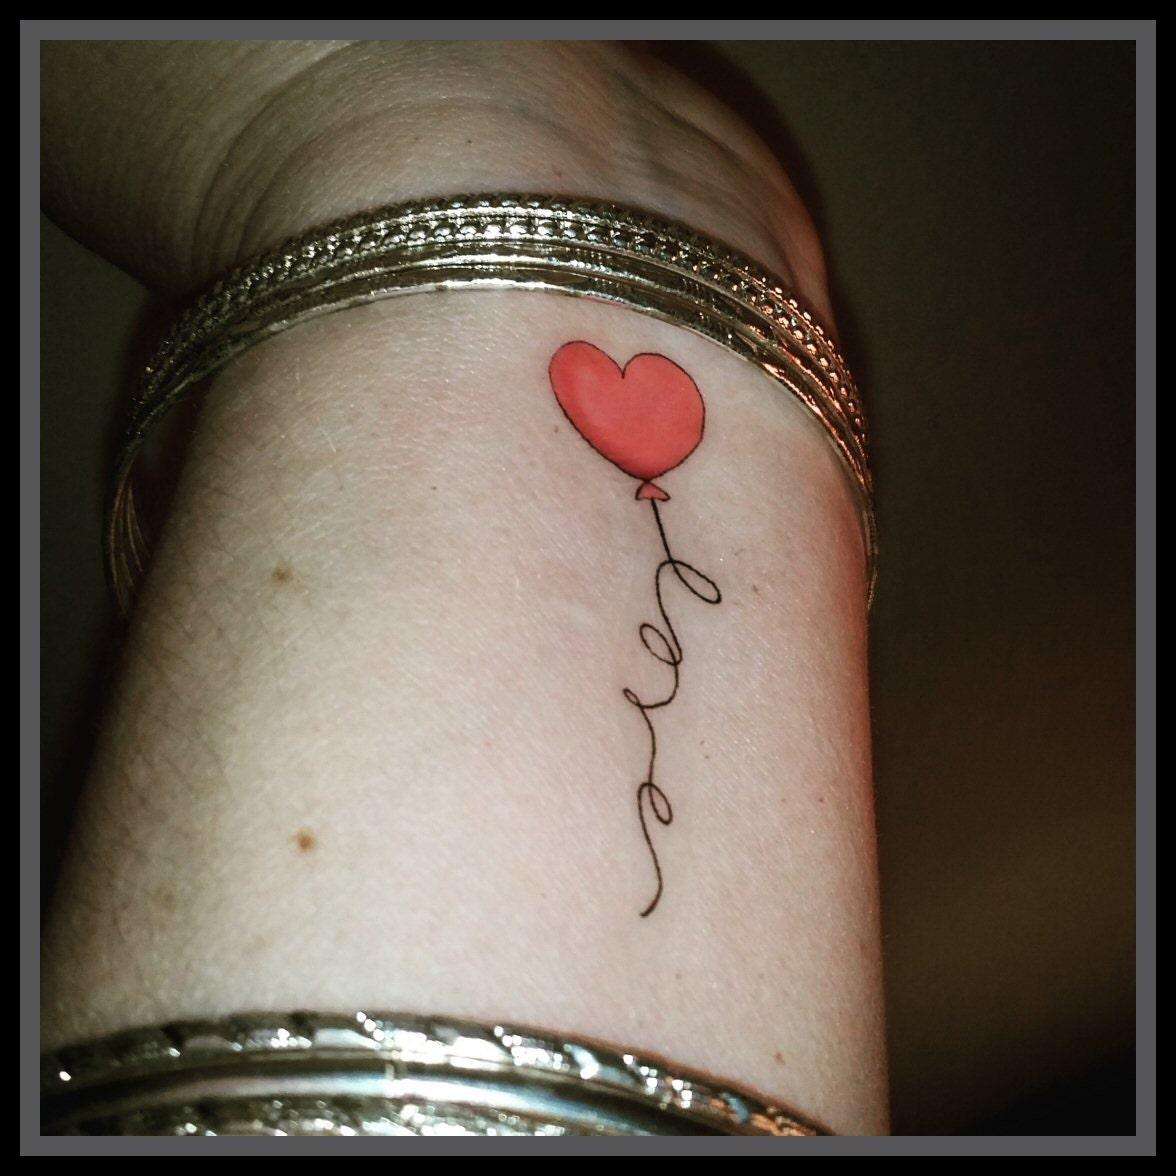 Faux tatouage coeur ballon amour tatouage temporaire coeur etsy - Image tatouage coeur ...